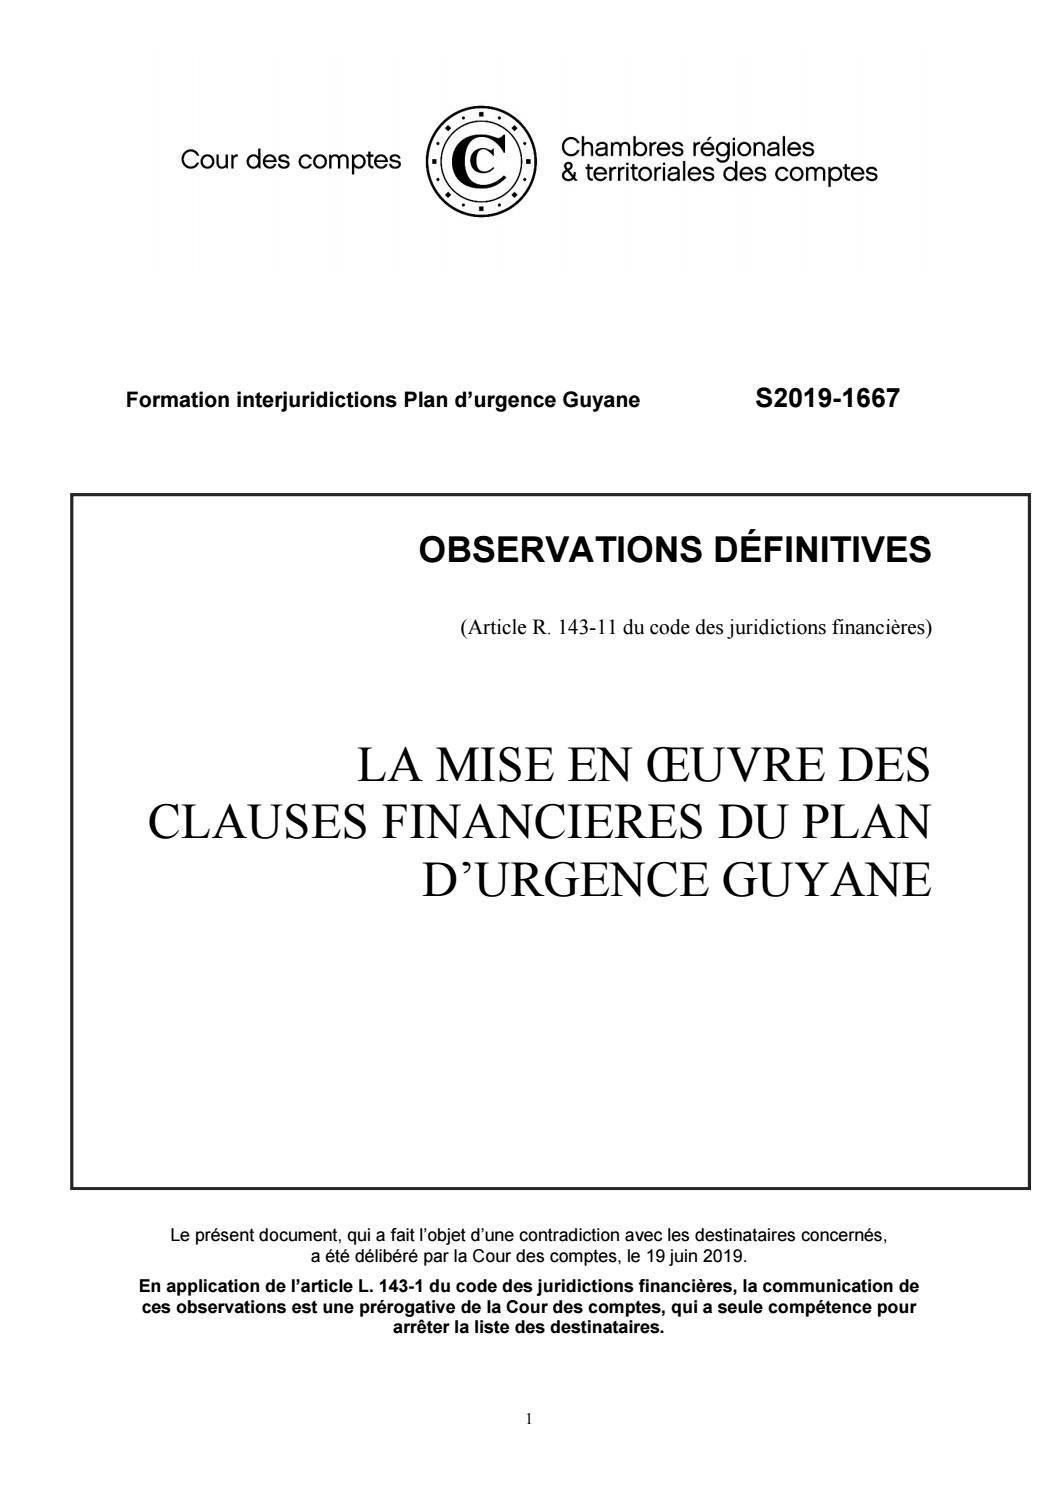 Cour Des Comptes Référé Mise En Oeuvre Des Clauses